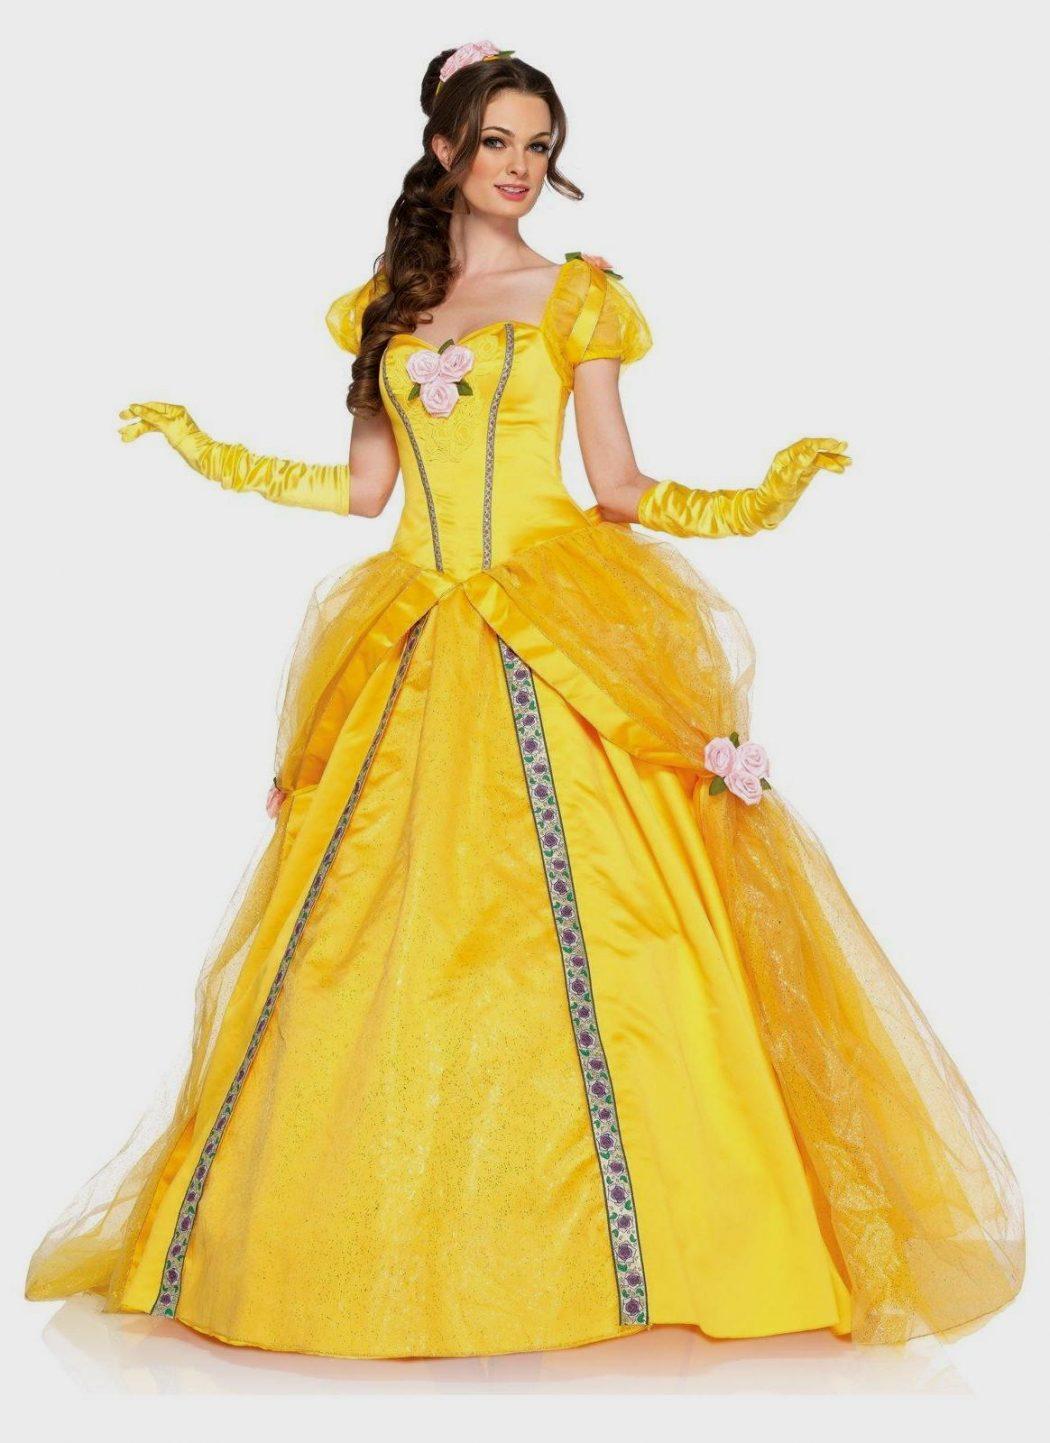 Princess1 Top 10 Teenagers Halloween Costumes Trends